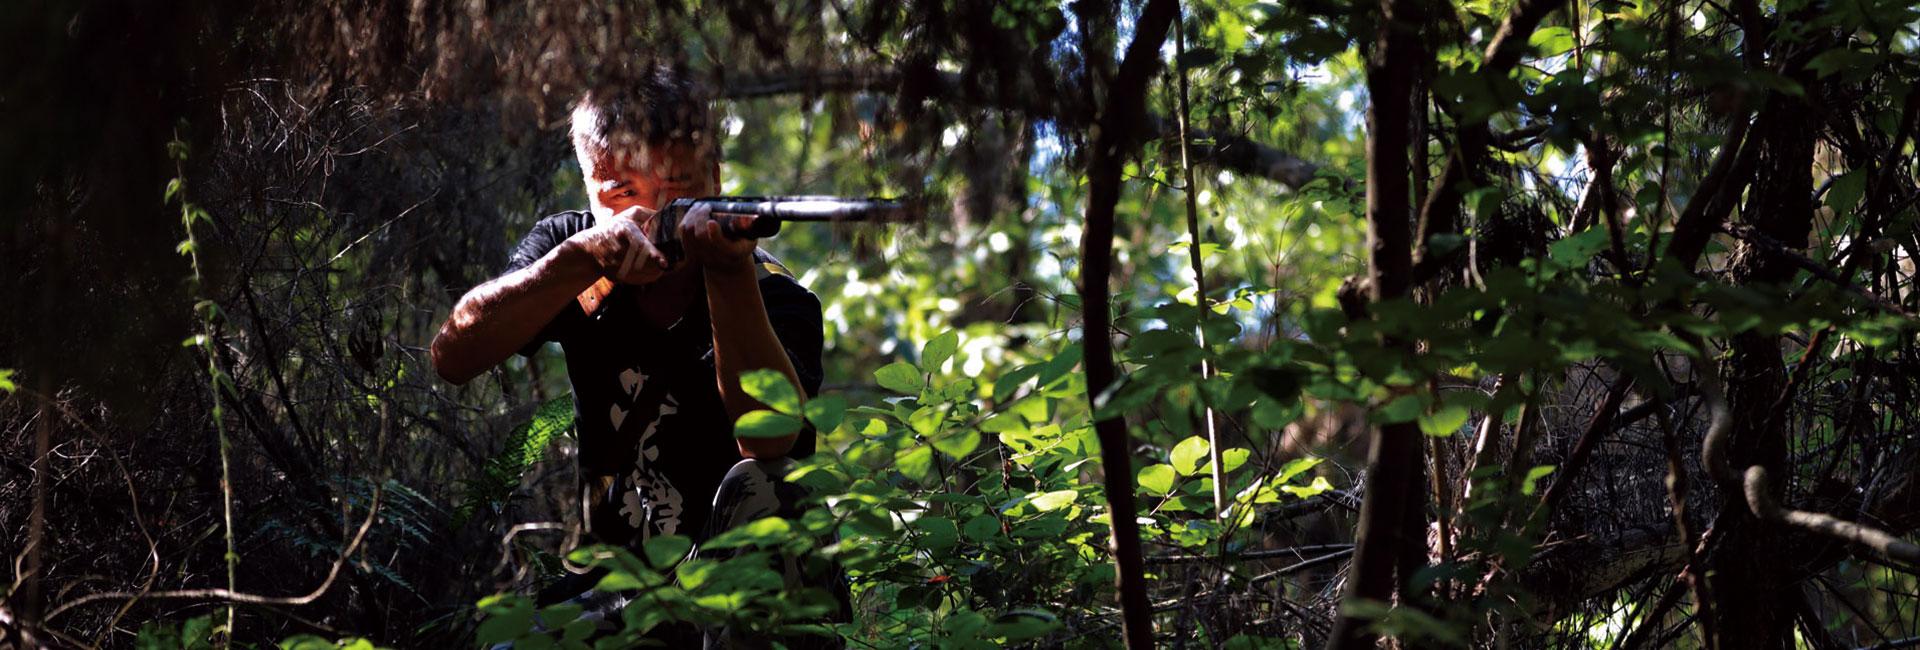 夏季狩猎产品已推出,敬请关注...